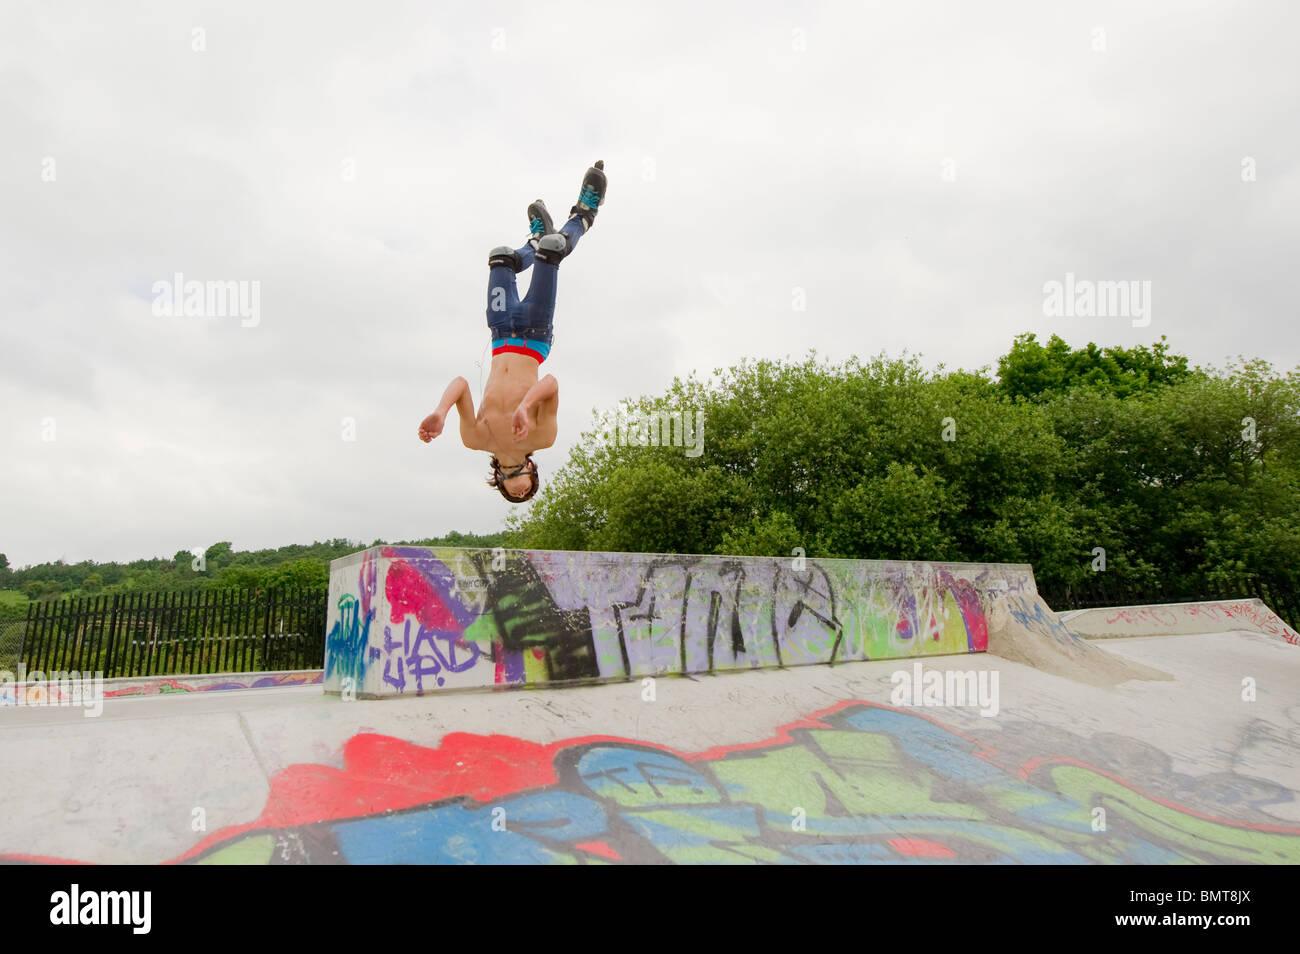 Patinador en línea construido en acción en el parque de skate en Leigh sobre mar , Essex, Reino Unido. Imagen De Stock